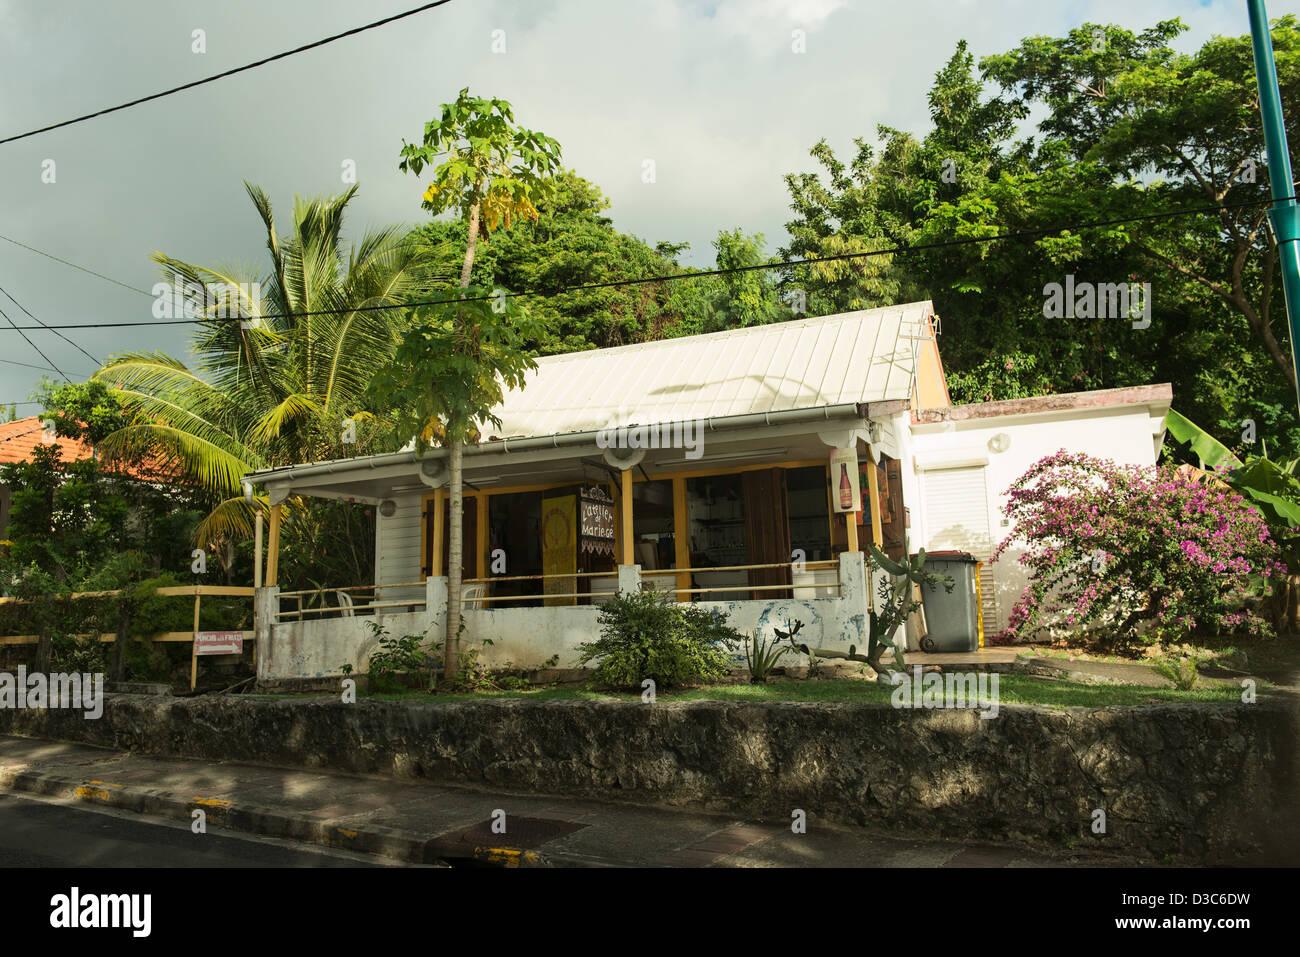 Maison ancienne, le Marin, Martinique, Petites Antilles, mer des Caraïbes, France Photo Stock